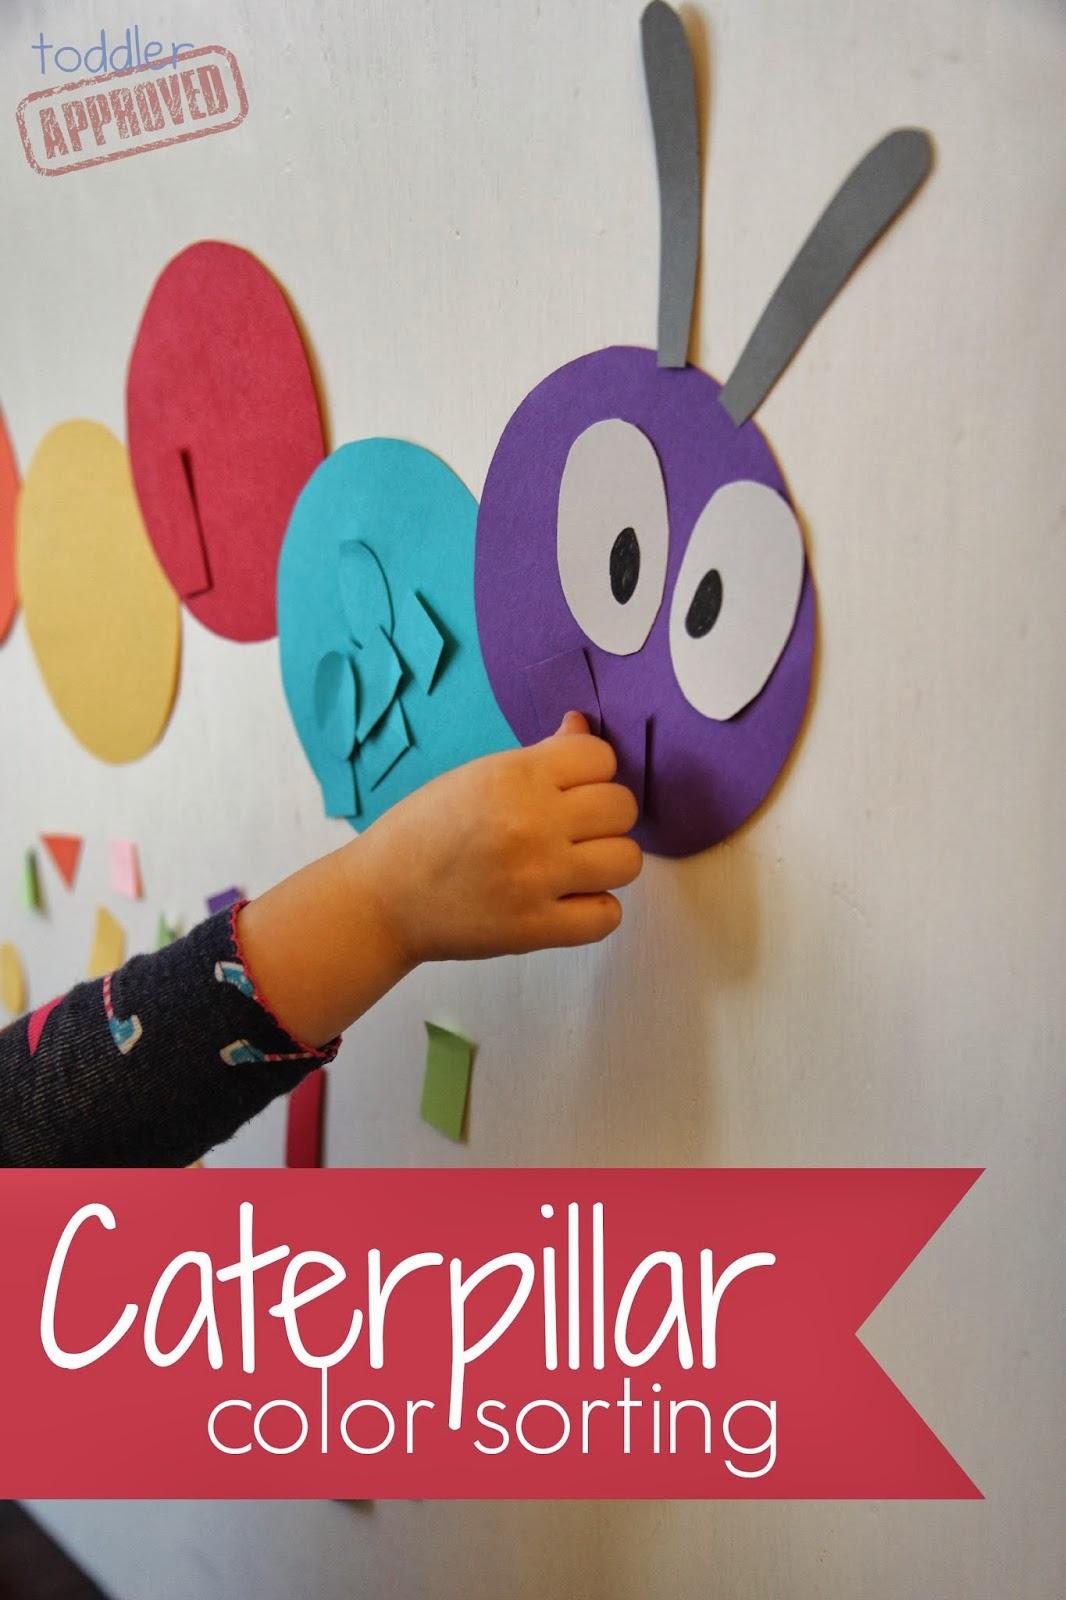 caterpillar_color_sorting.jpg